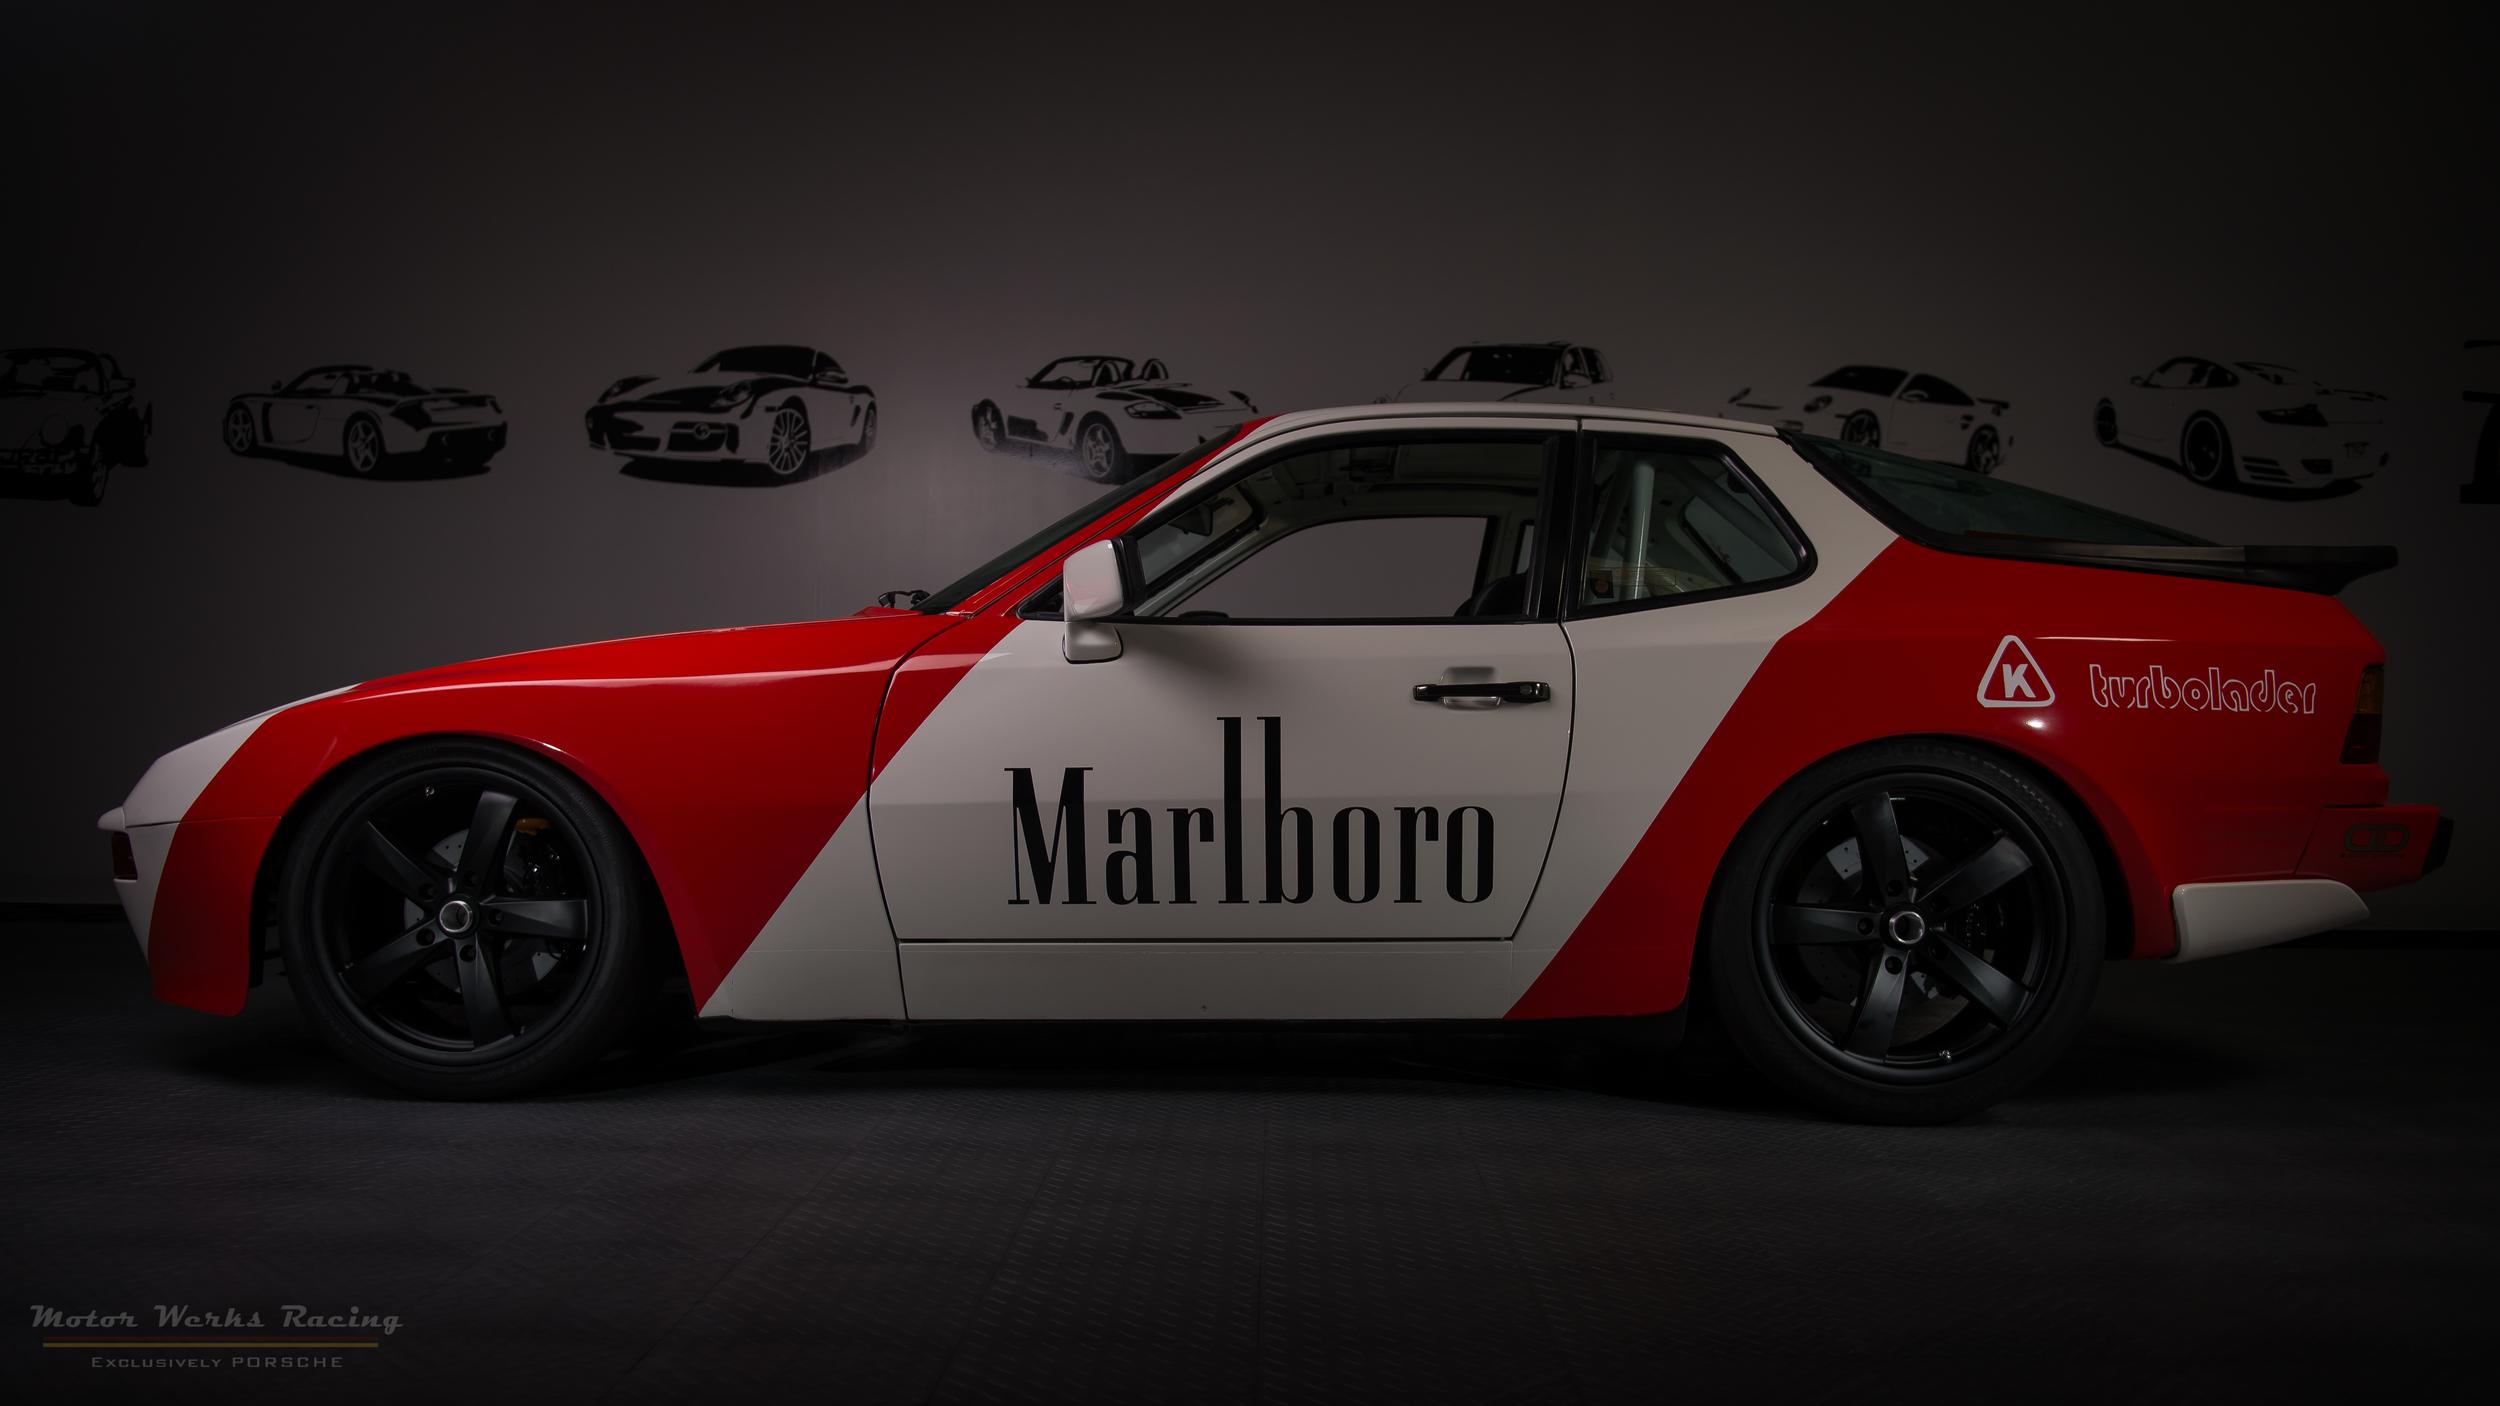 Porsche 944 Turbo Marlboro Tribute